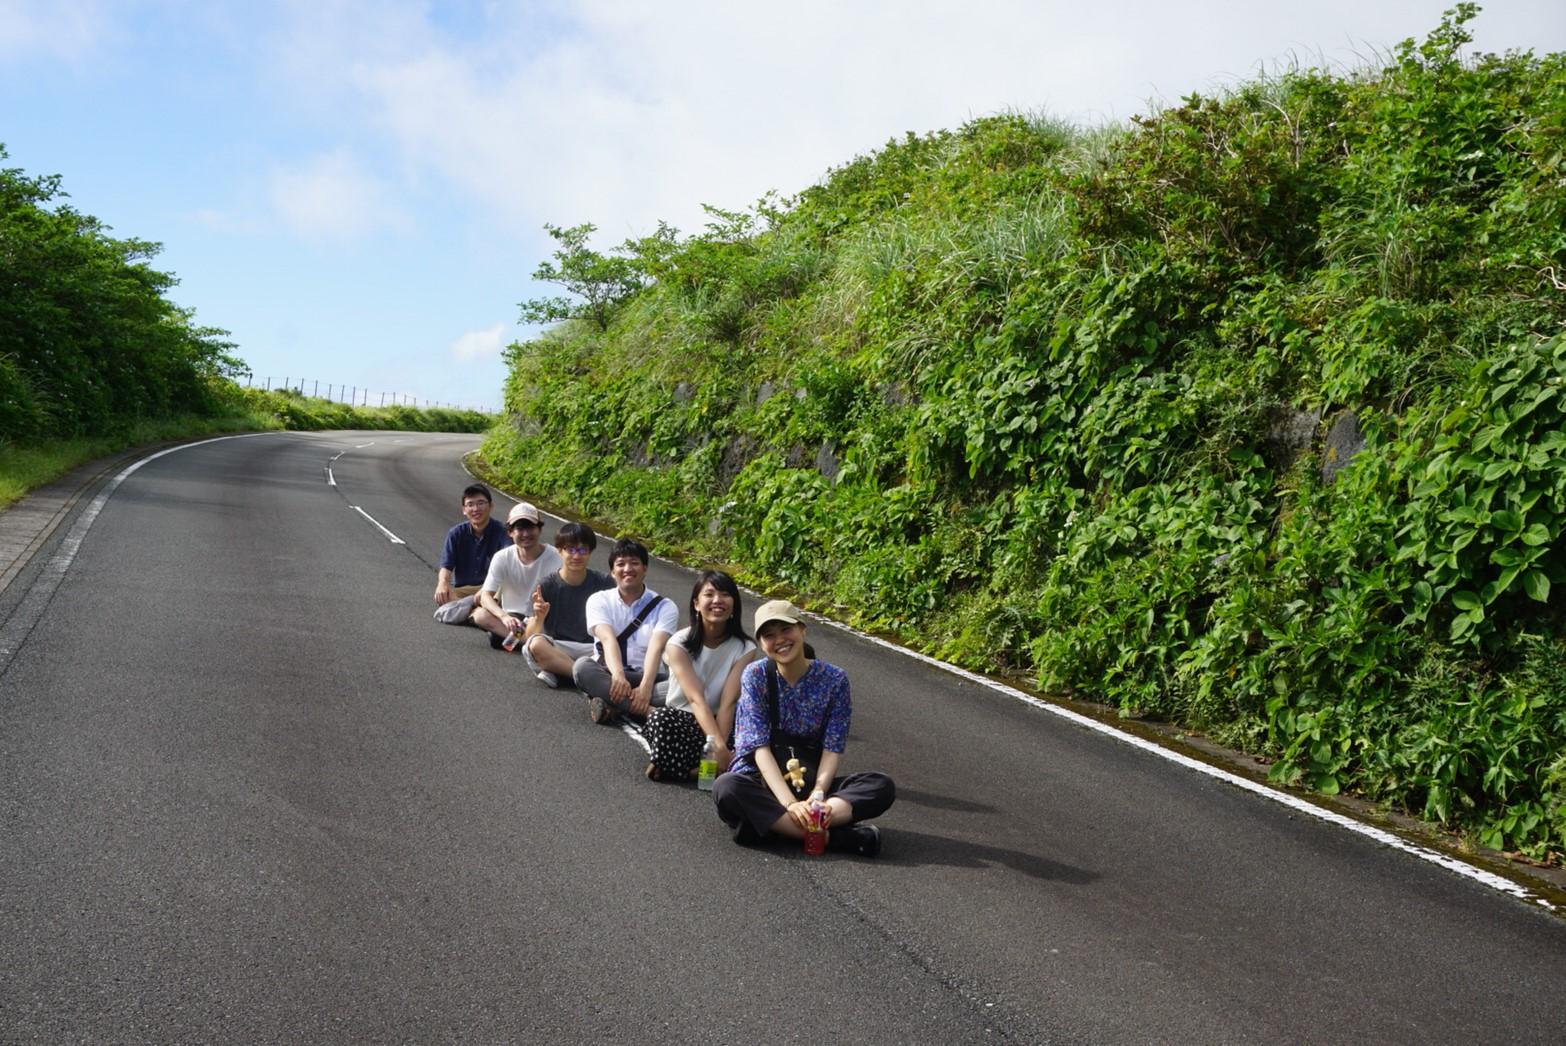 190807-09 ラボ旅行 in 八丈島